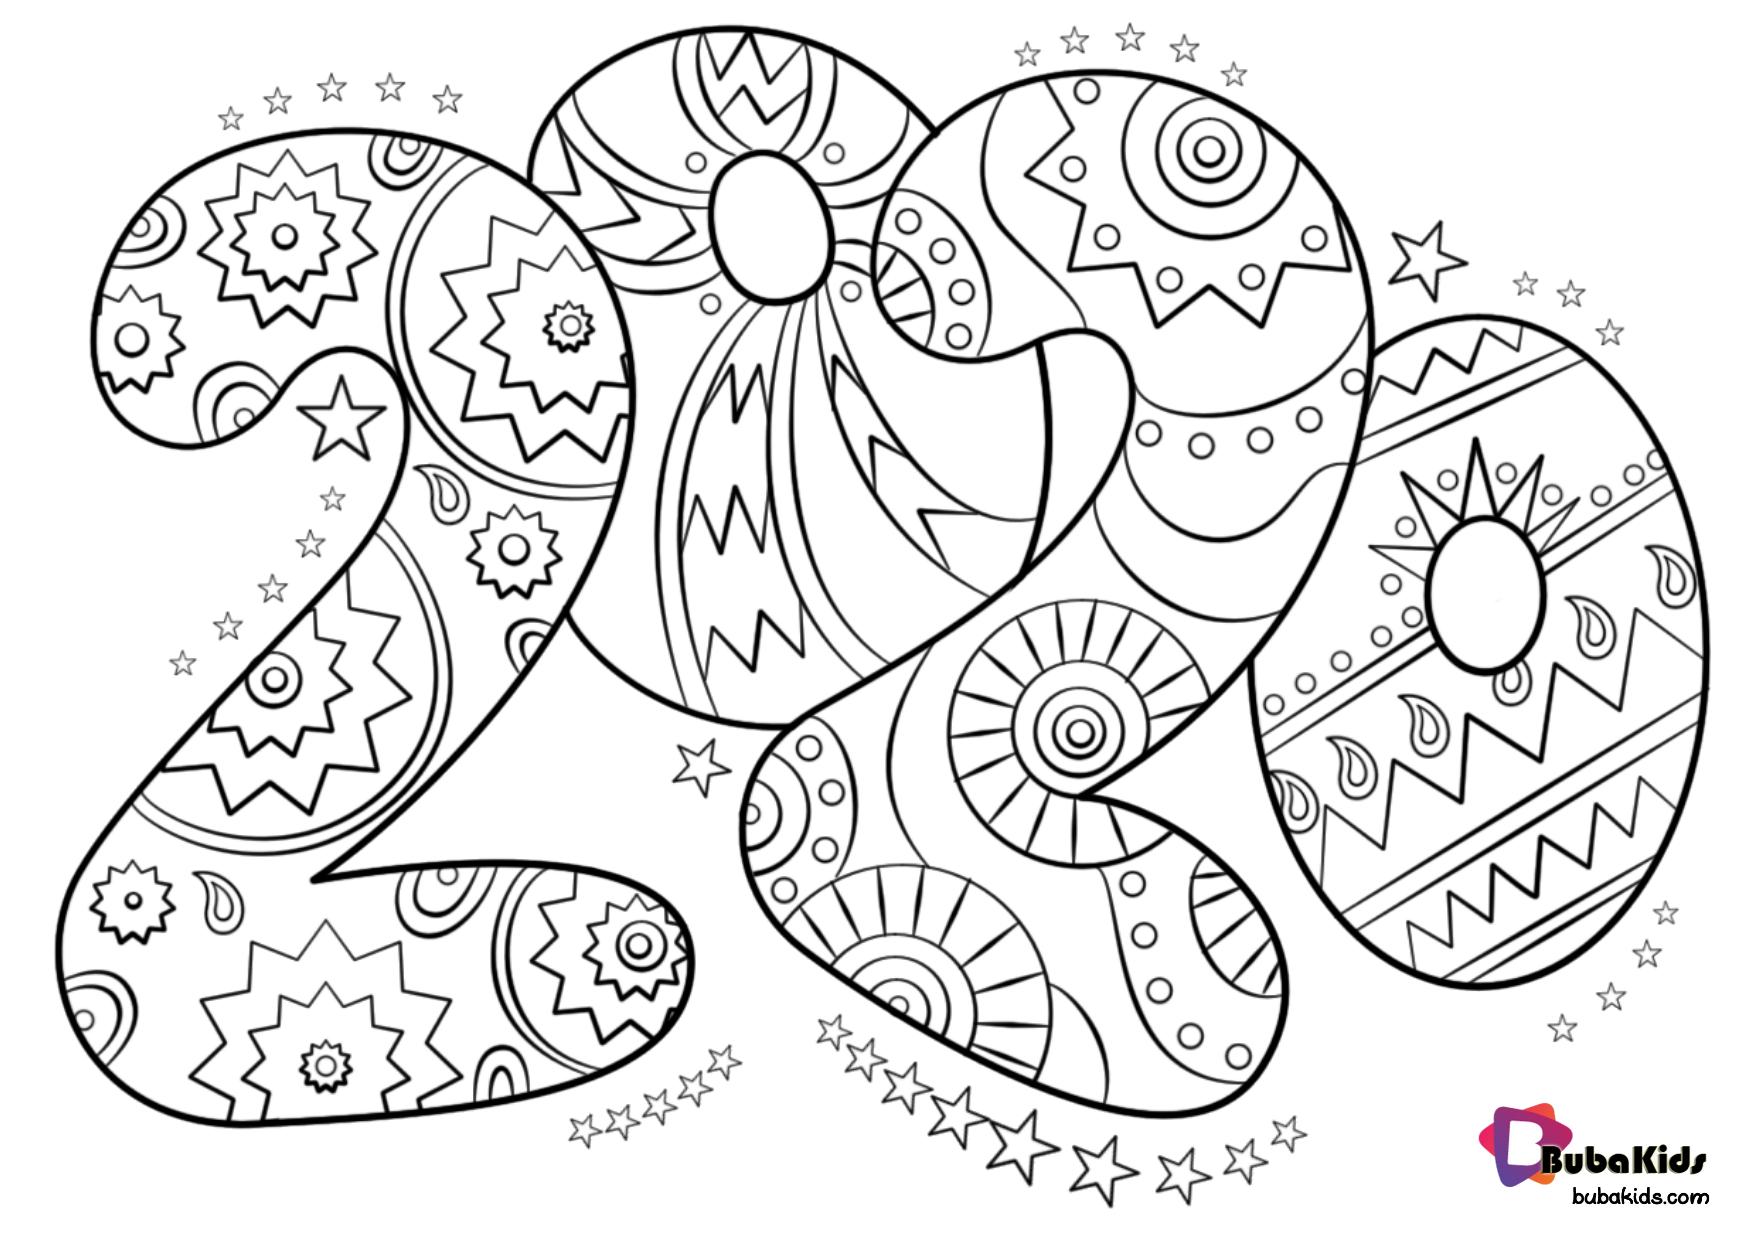 Coloringpagestoprint Malvorlagen Fur Kinder Mandala Zum Ausdrucken Ausmalen